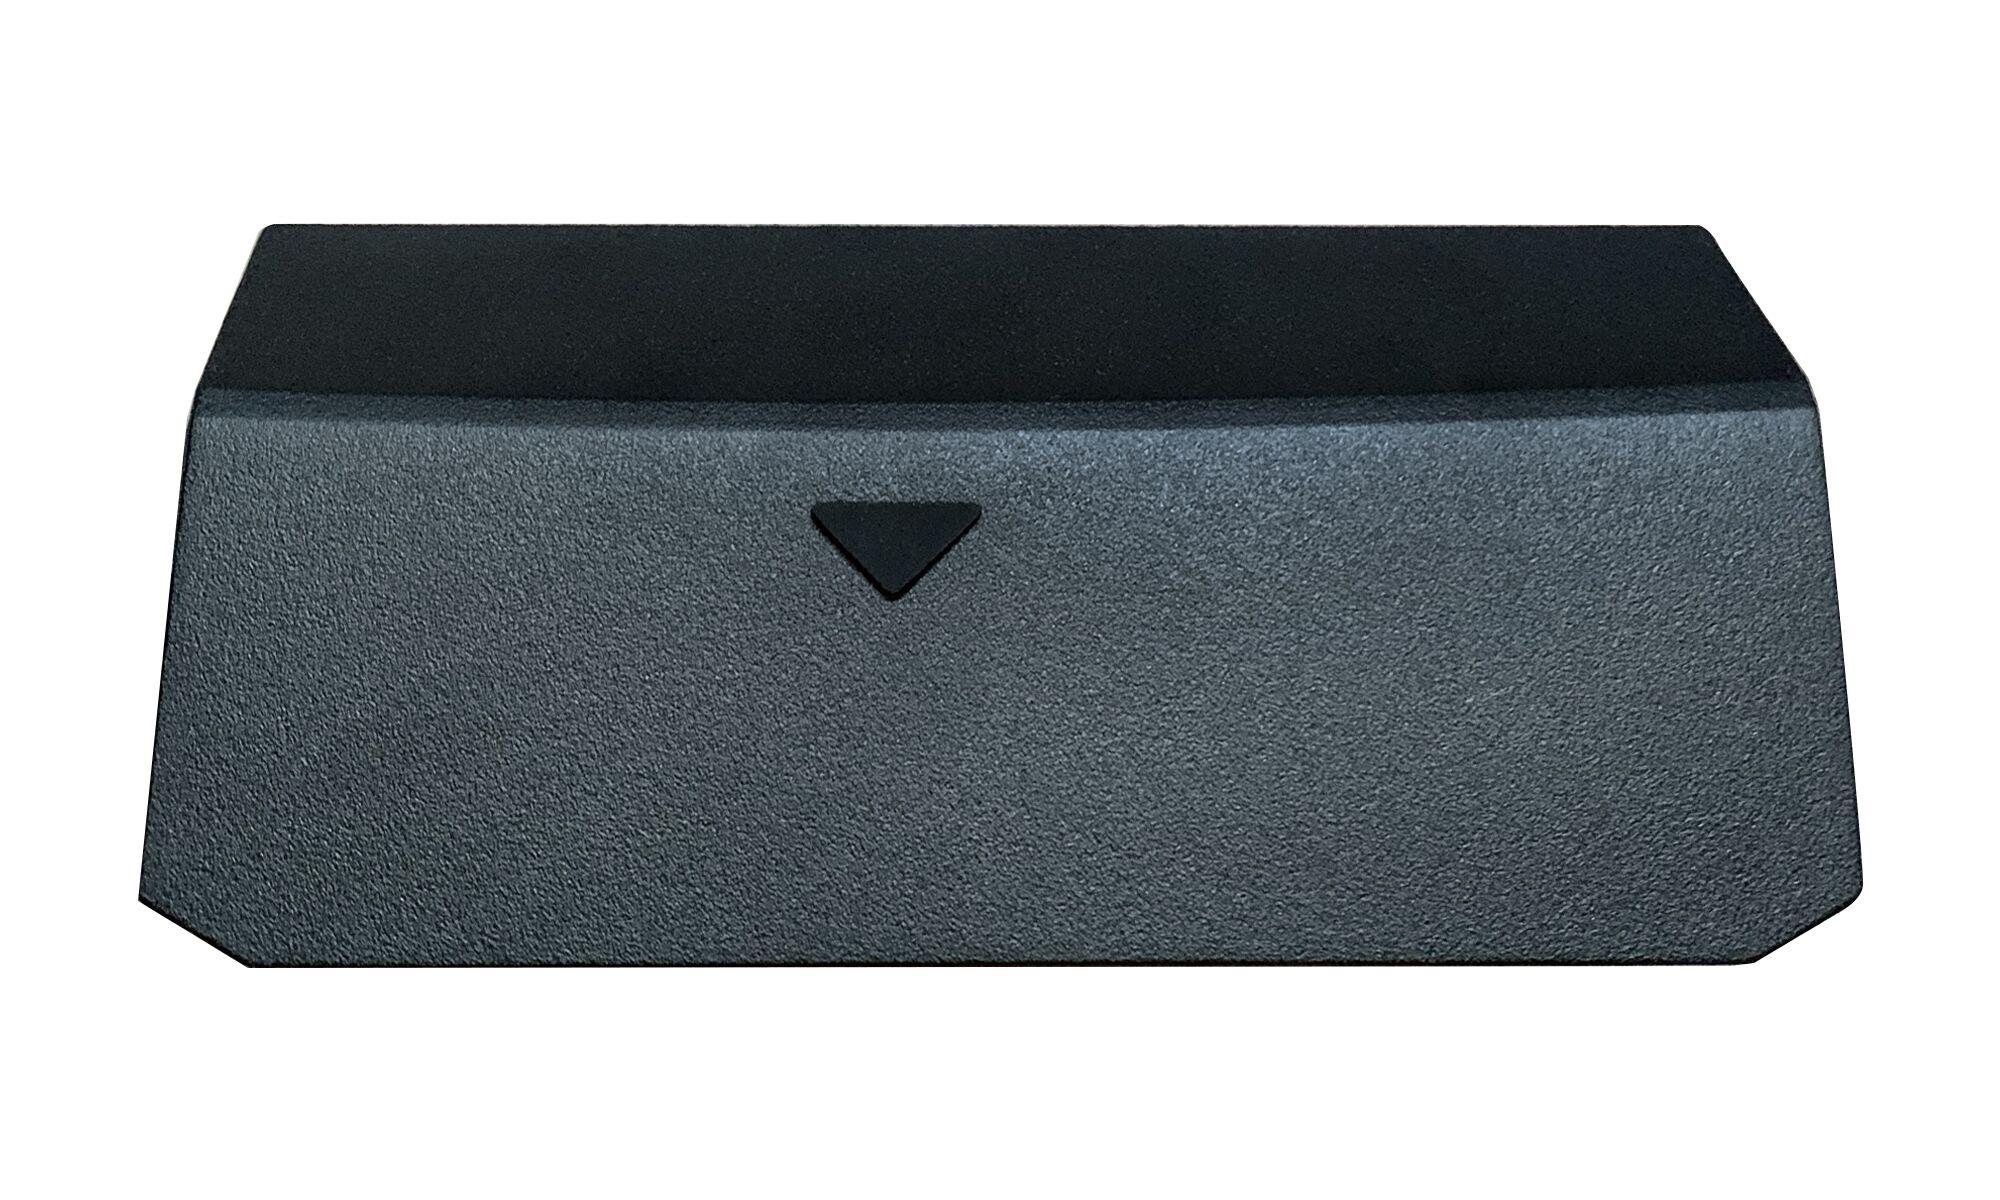 Baterie compatibila laptop Asus G750, G750JX, G750JW, G750JH